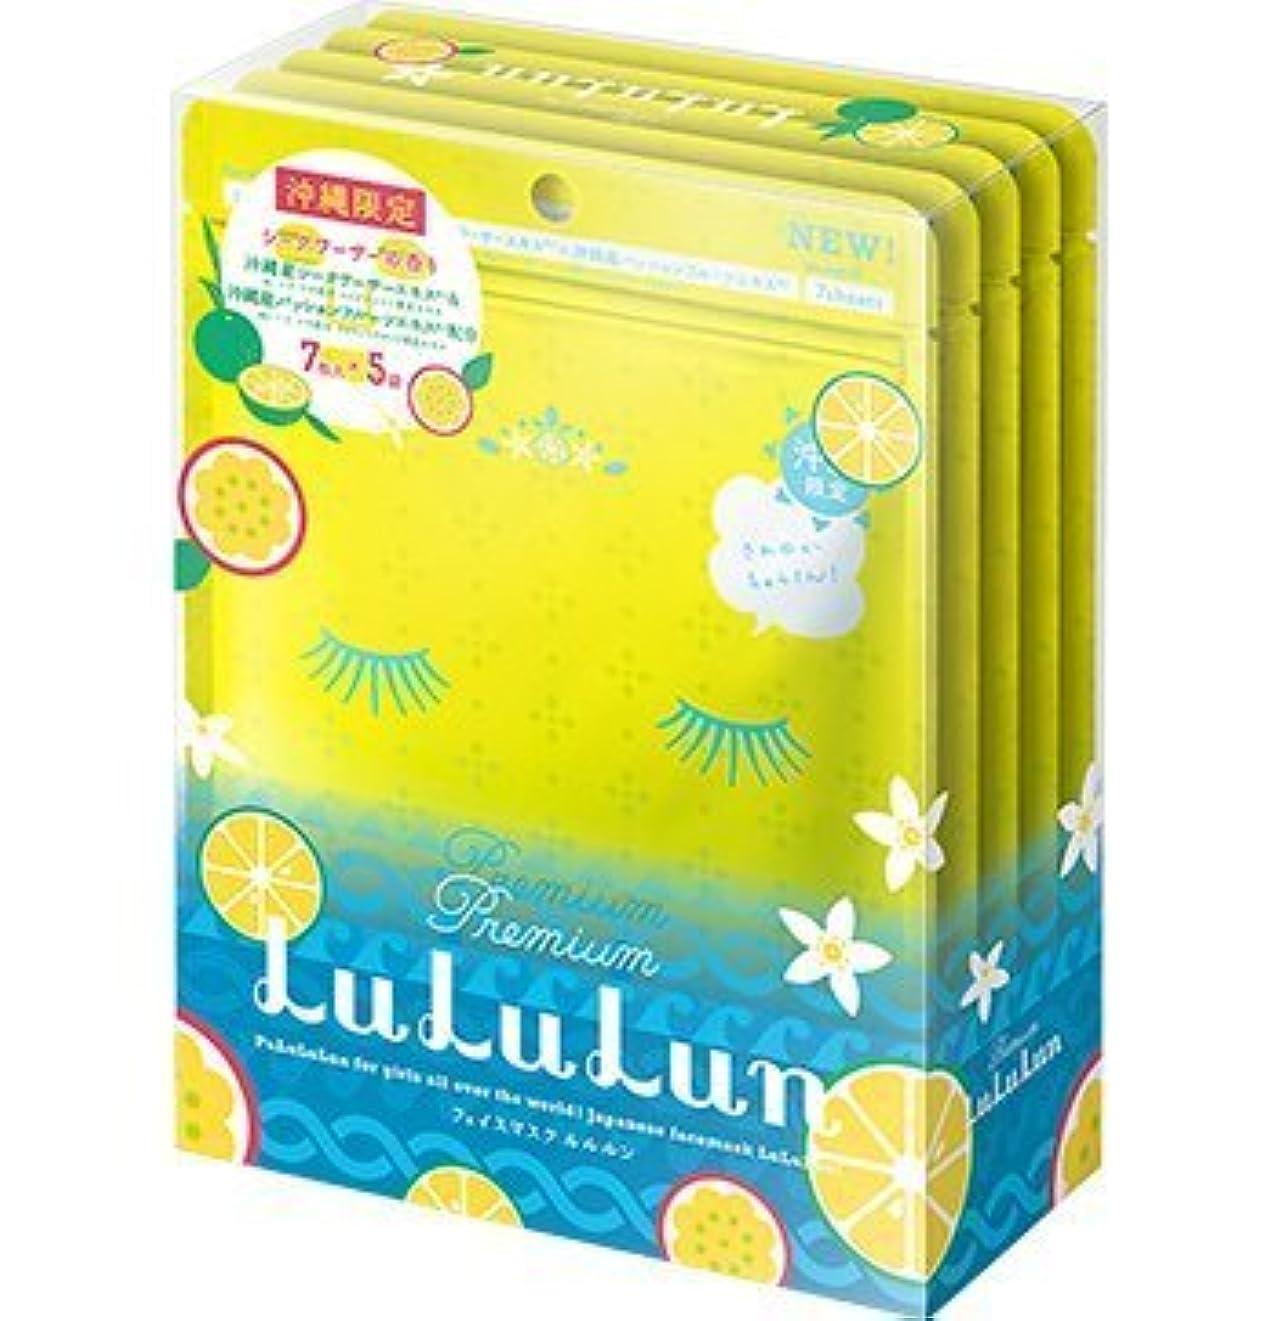 持続的チーター導入する沖縄限定 沖縄プレミアム ルルルン LuLuLun フェイスマスク シークワーサーの香り 7枚入り×5袋